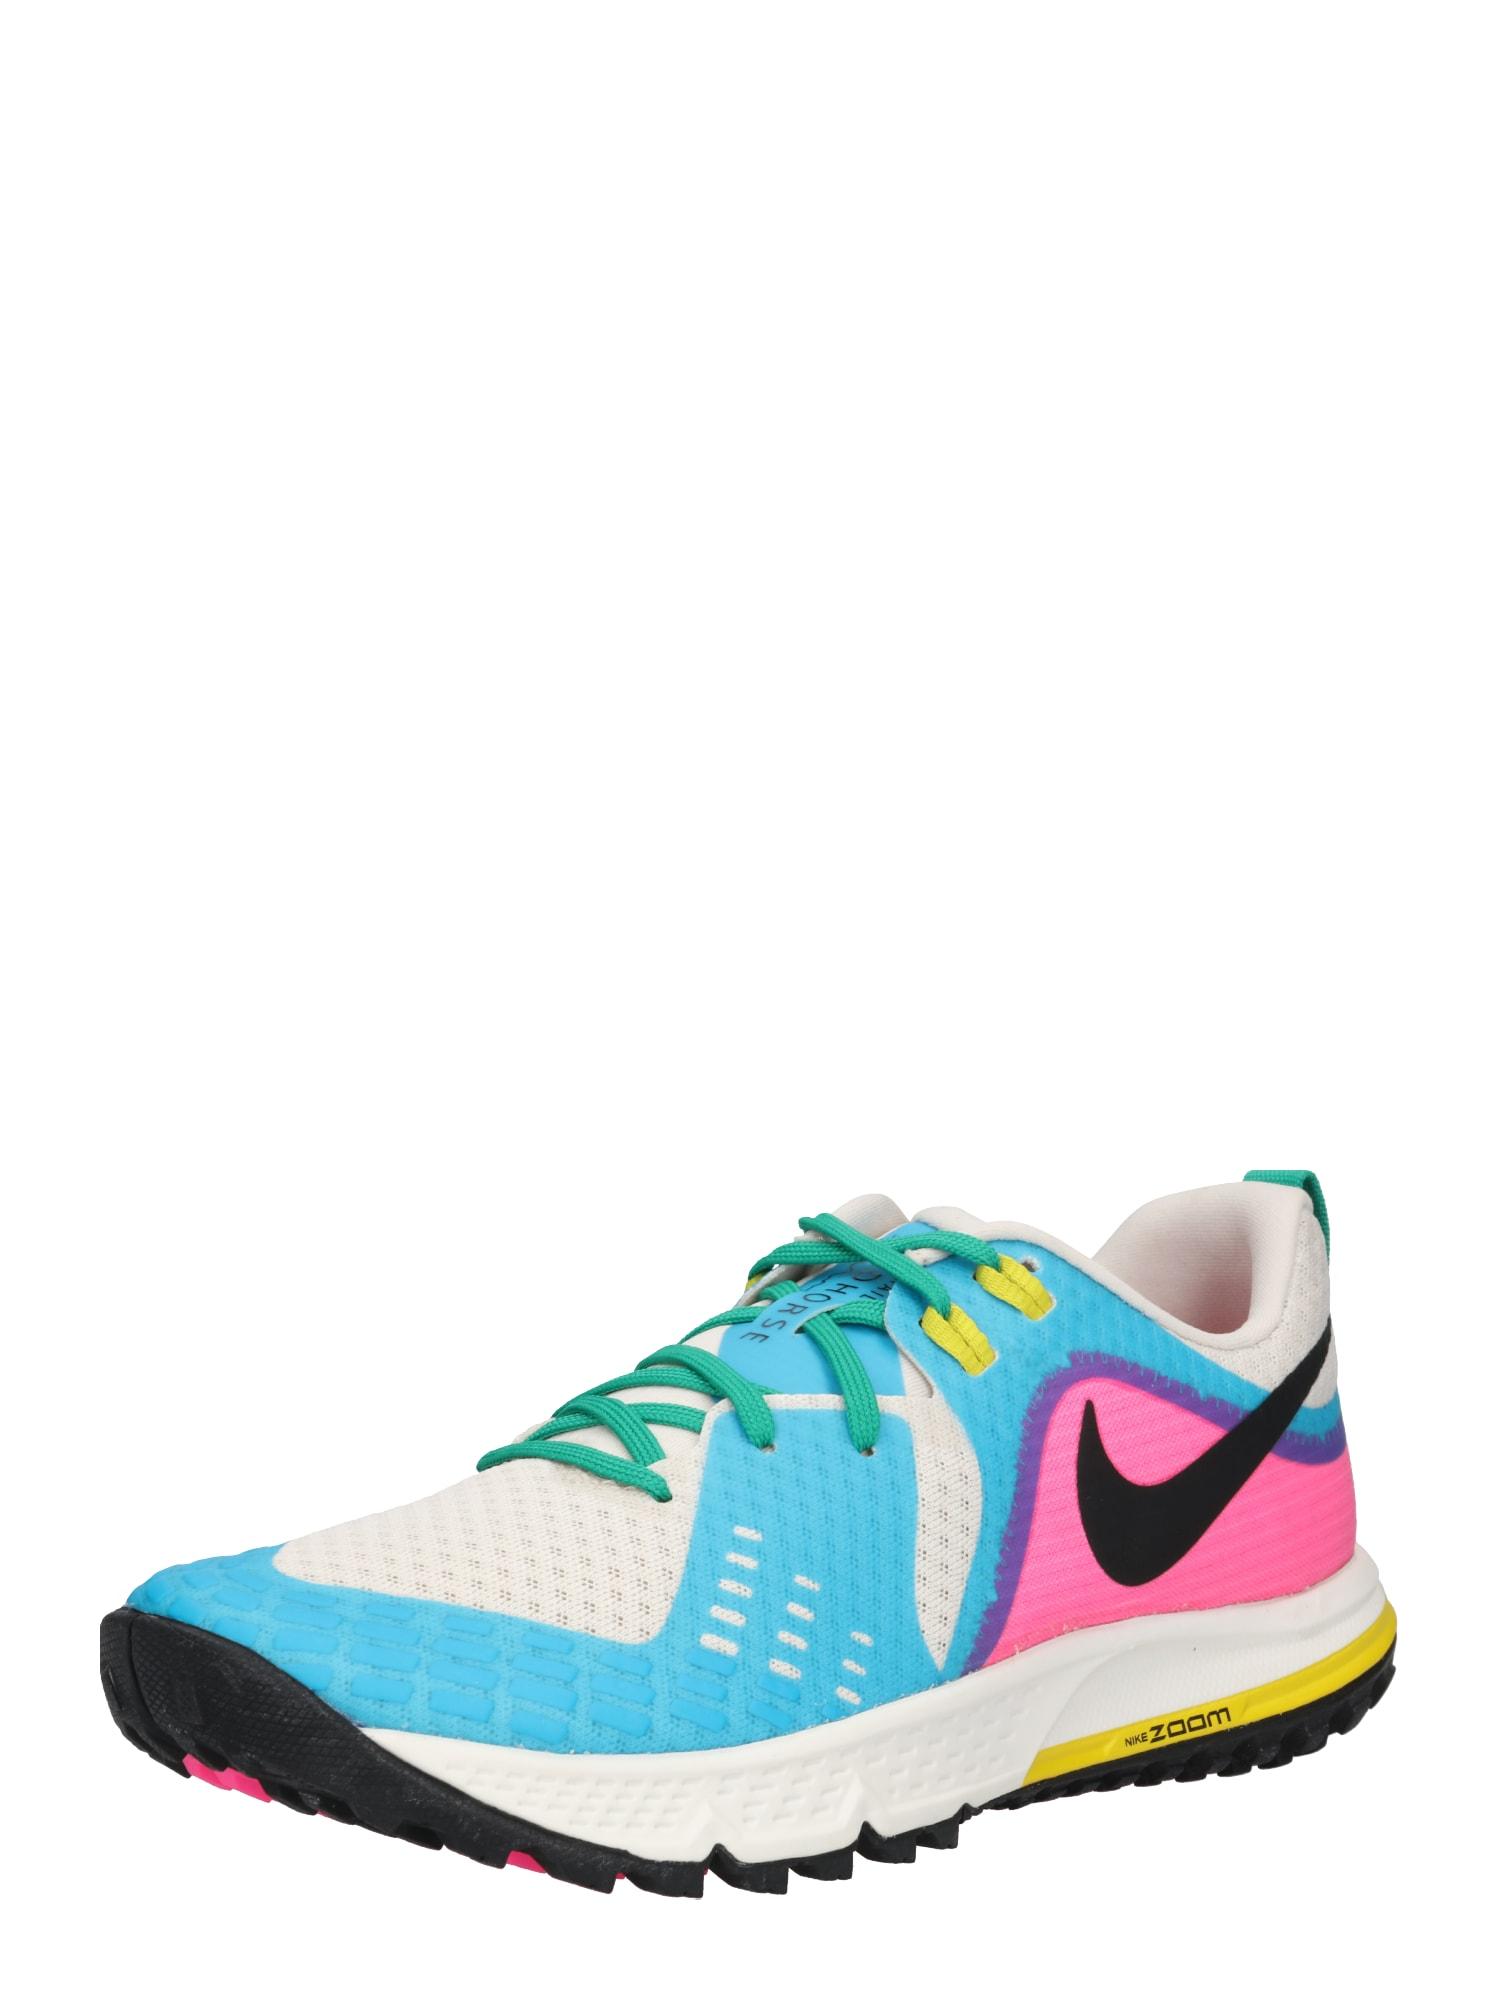 Sportovní boty WMNS AIR ZOOM WILDHORSE 5 krémová modrá pink NIKE